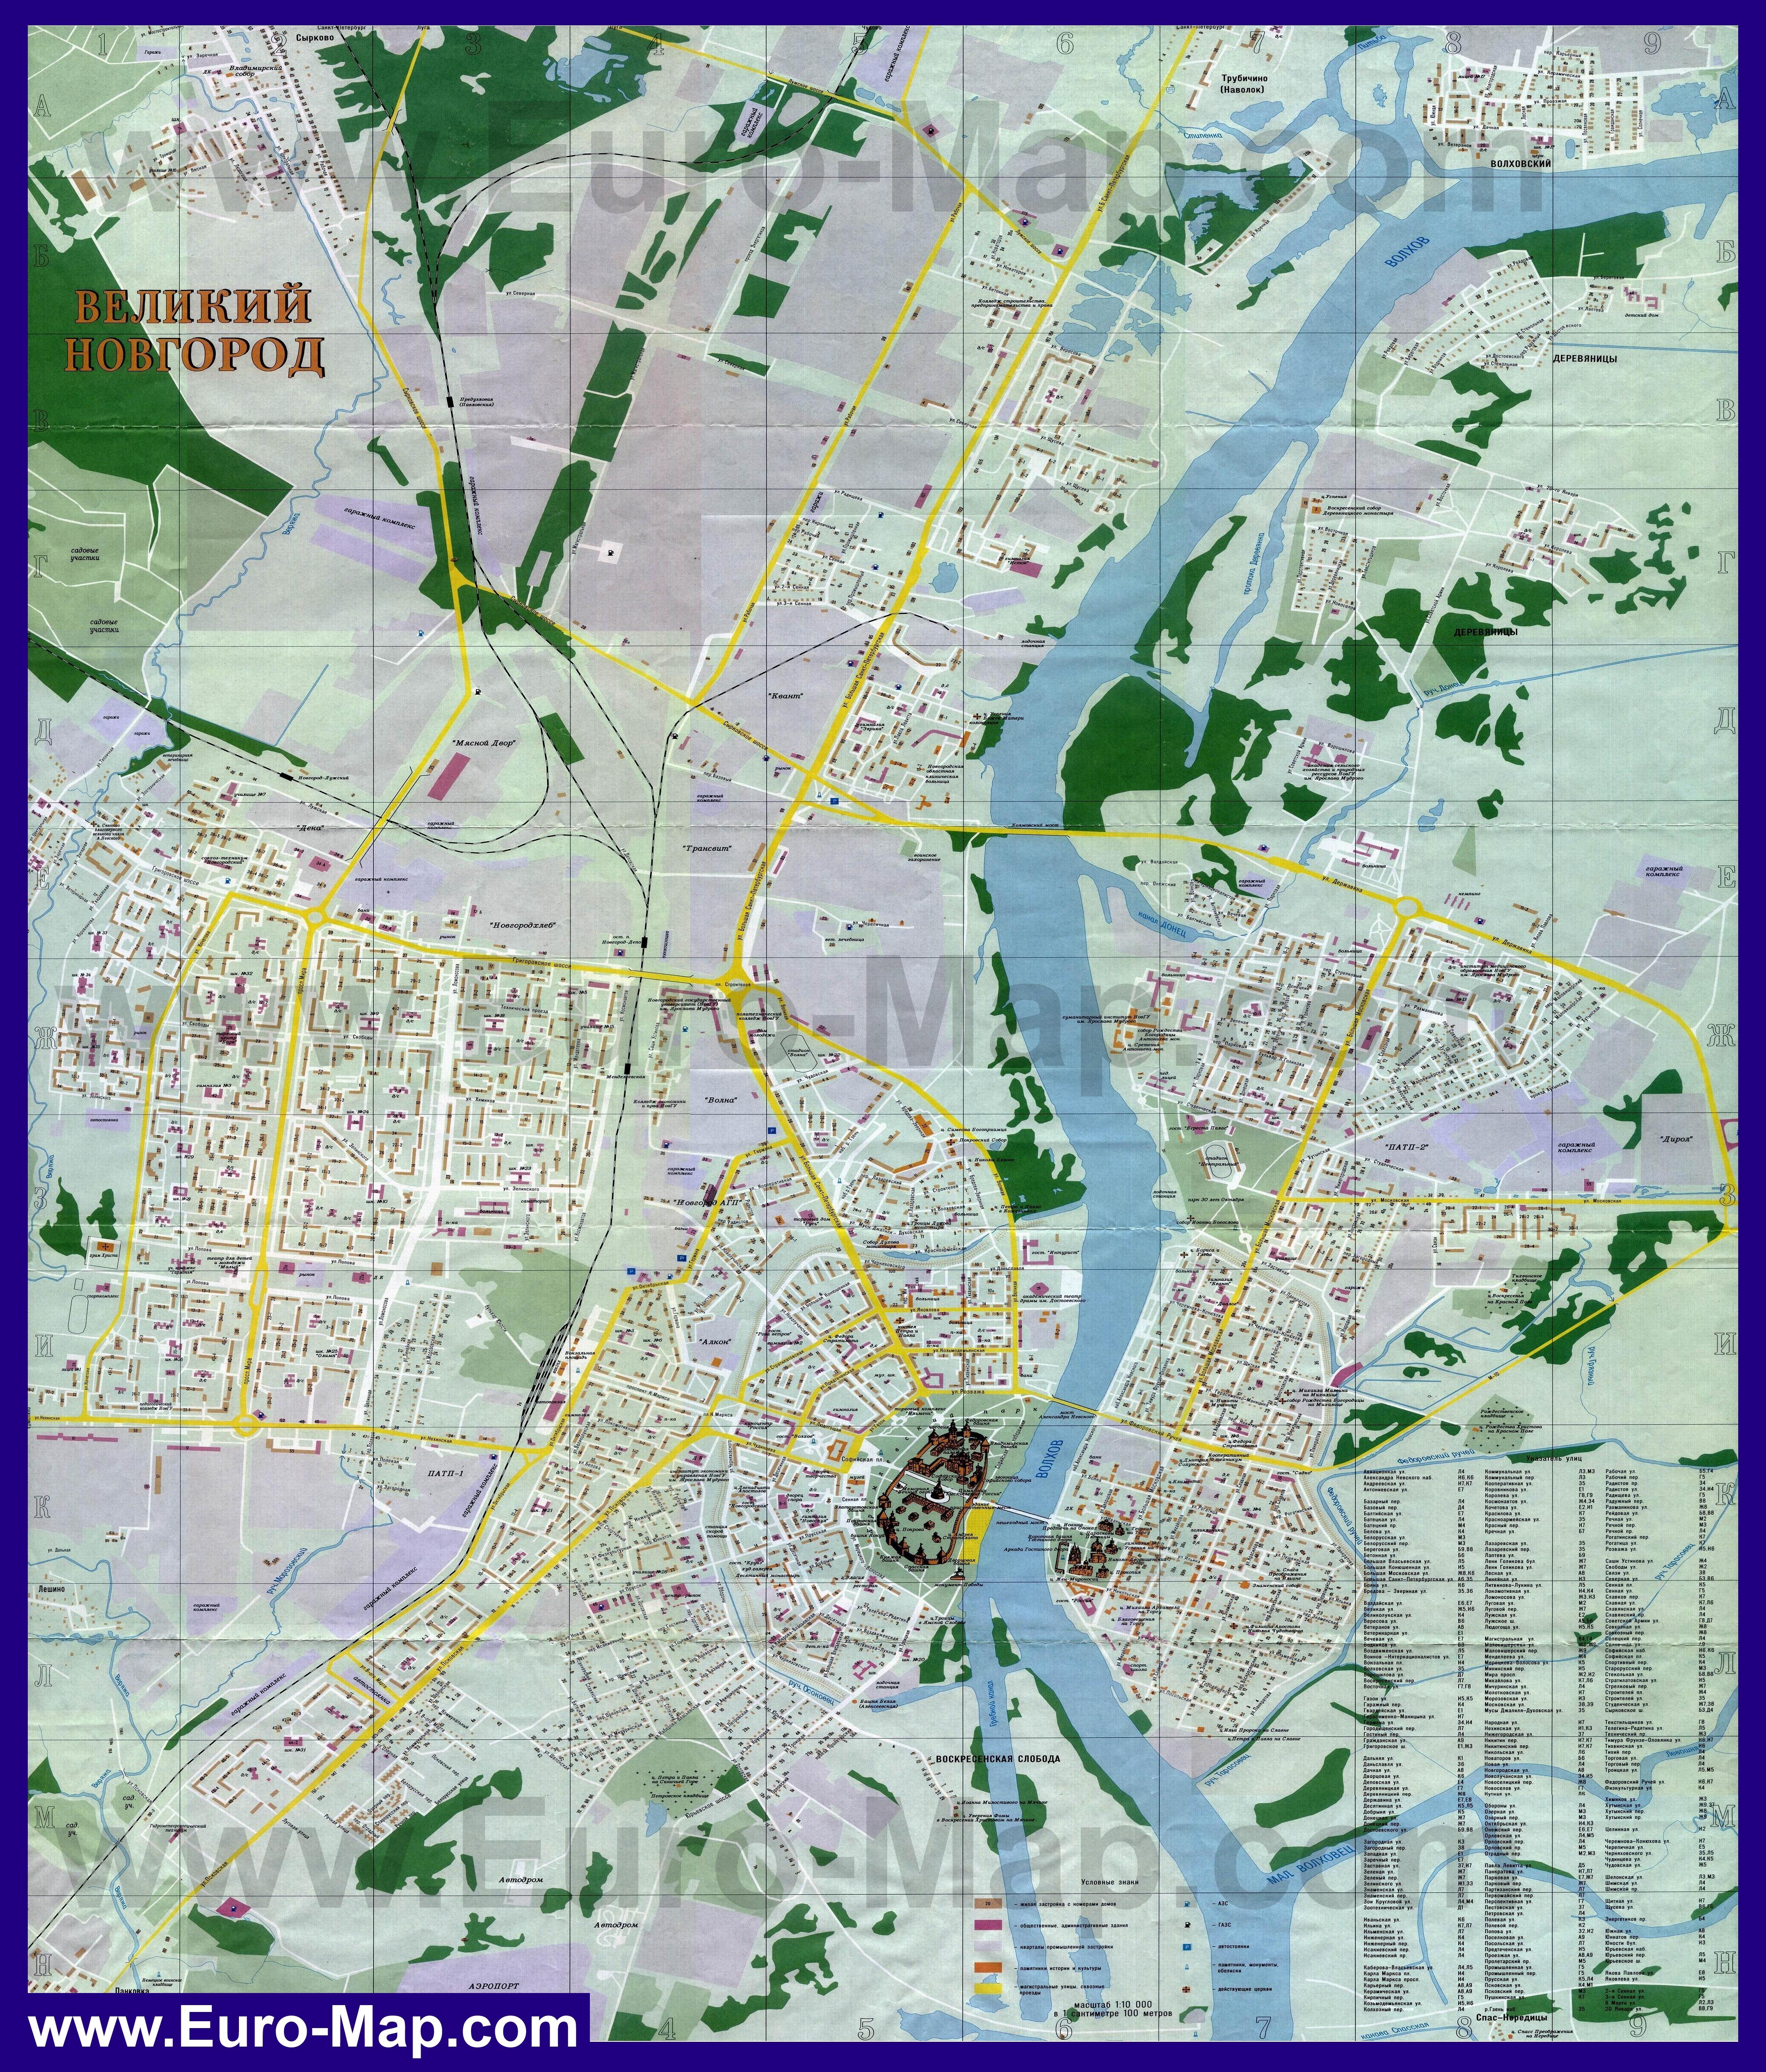 подробная карта Новгорода Великого с указанием улиц и домов